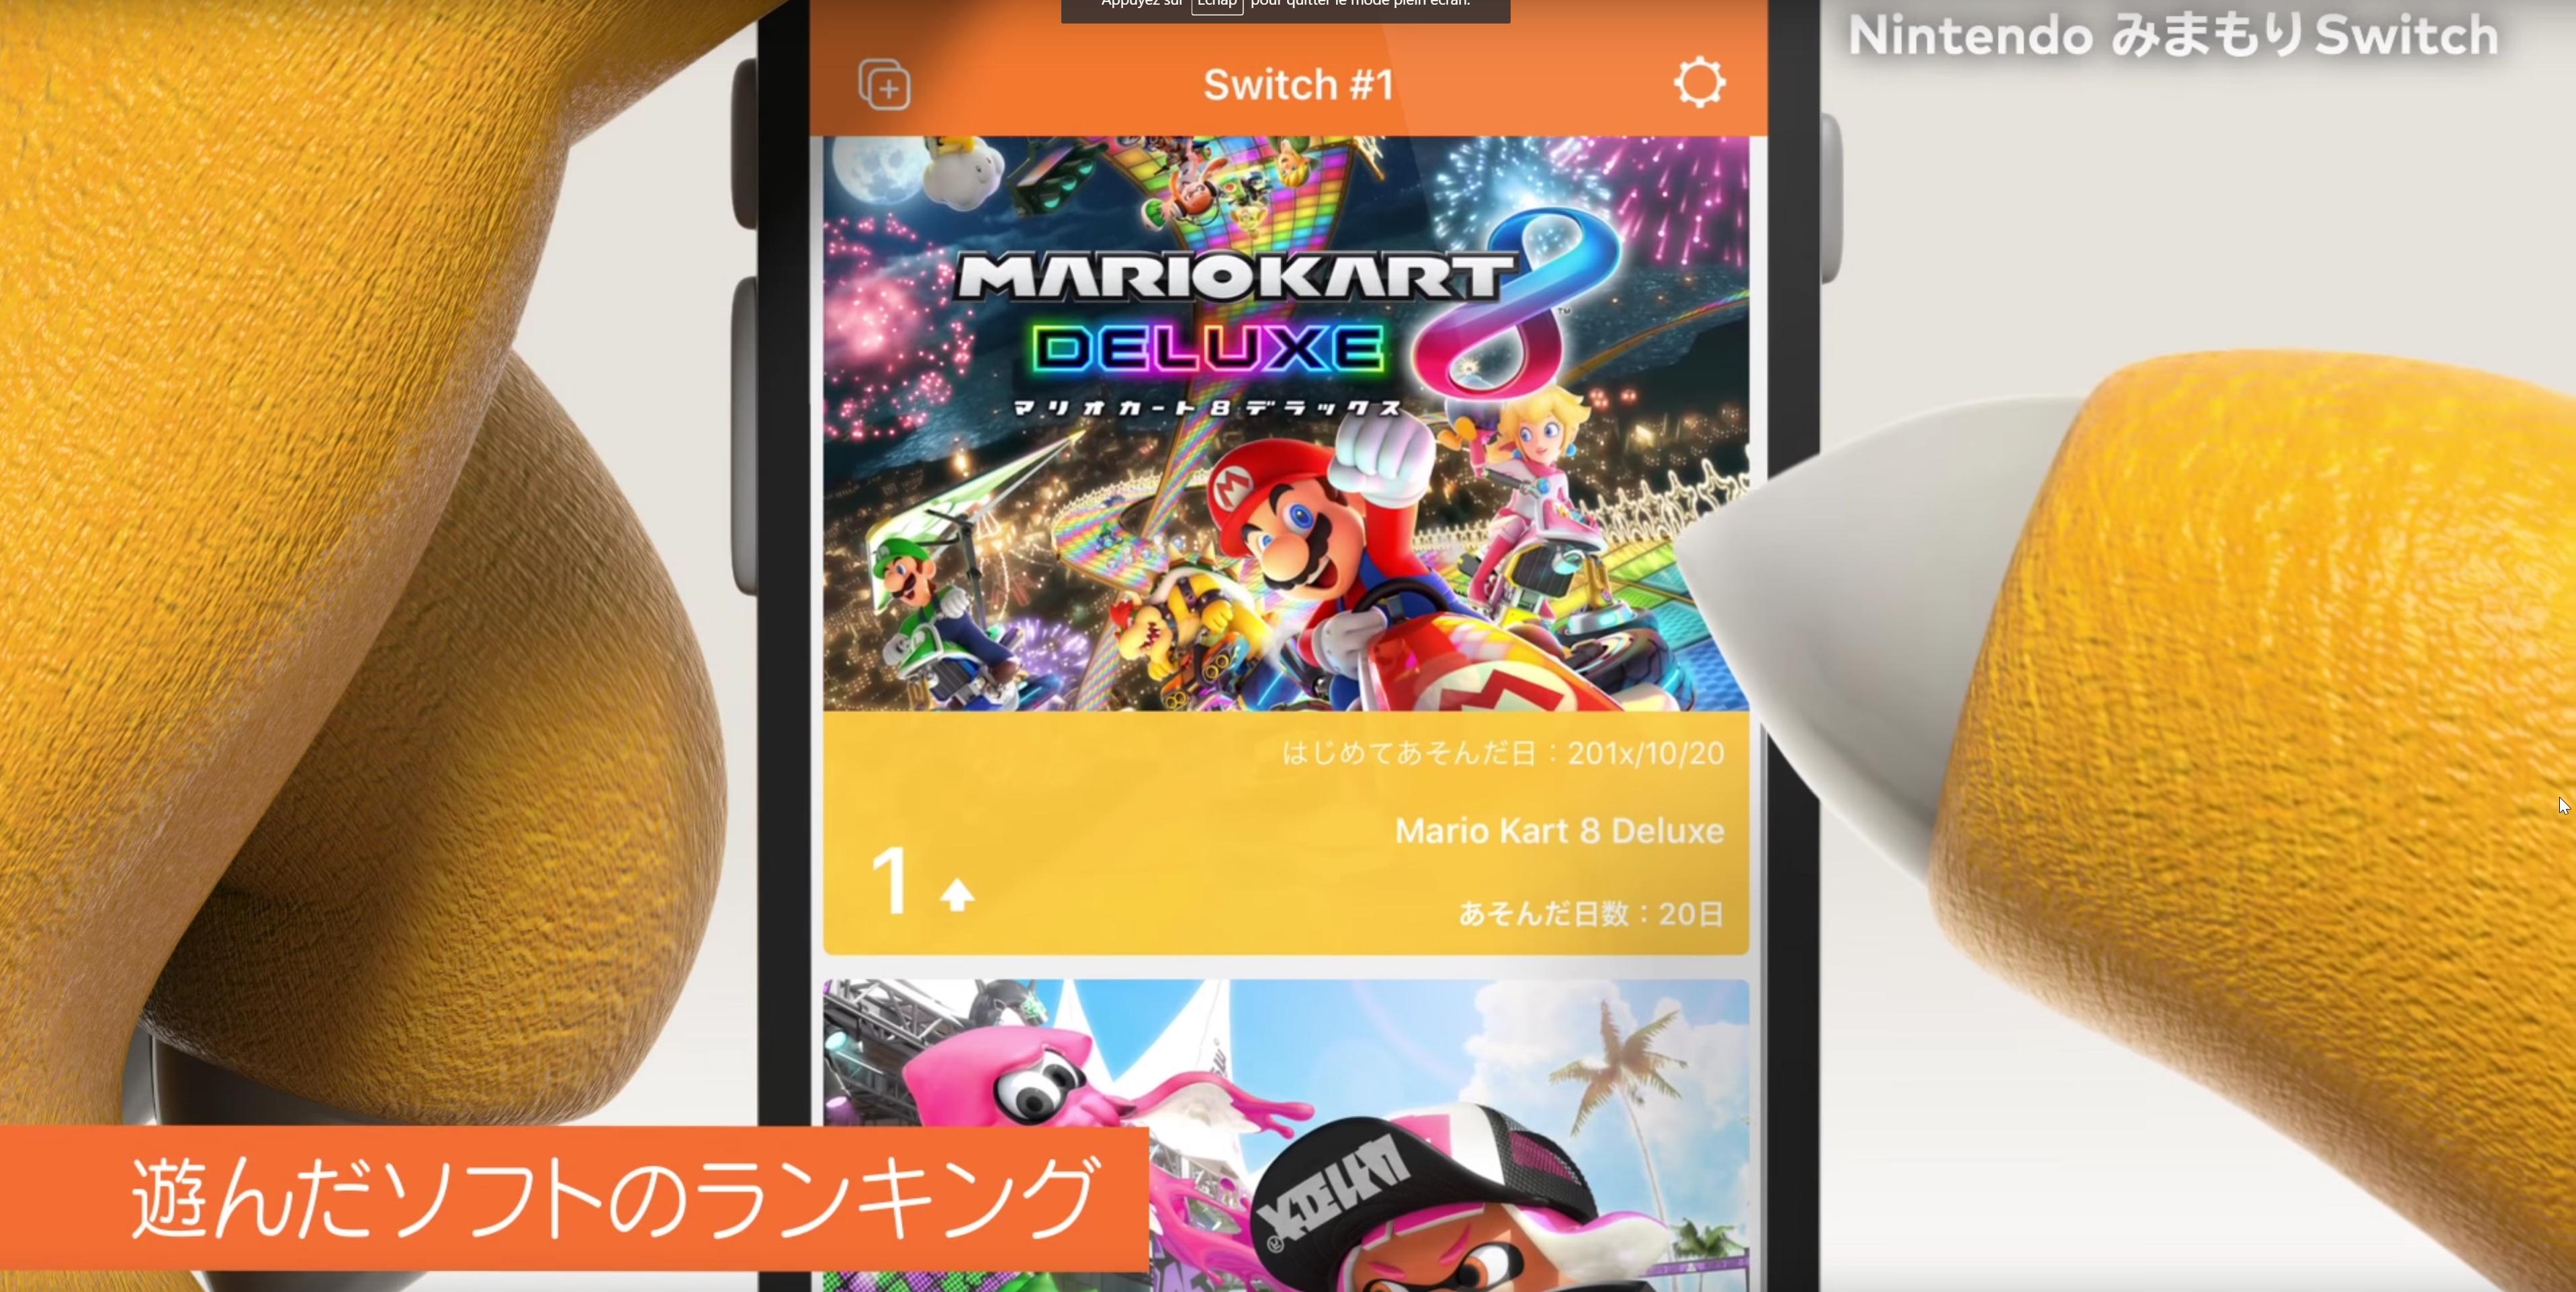 Nintendo Switch : une application dédiée aux parents pour contrôler le temps de jeux des enfants